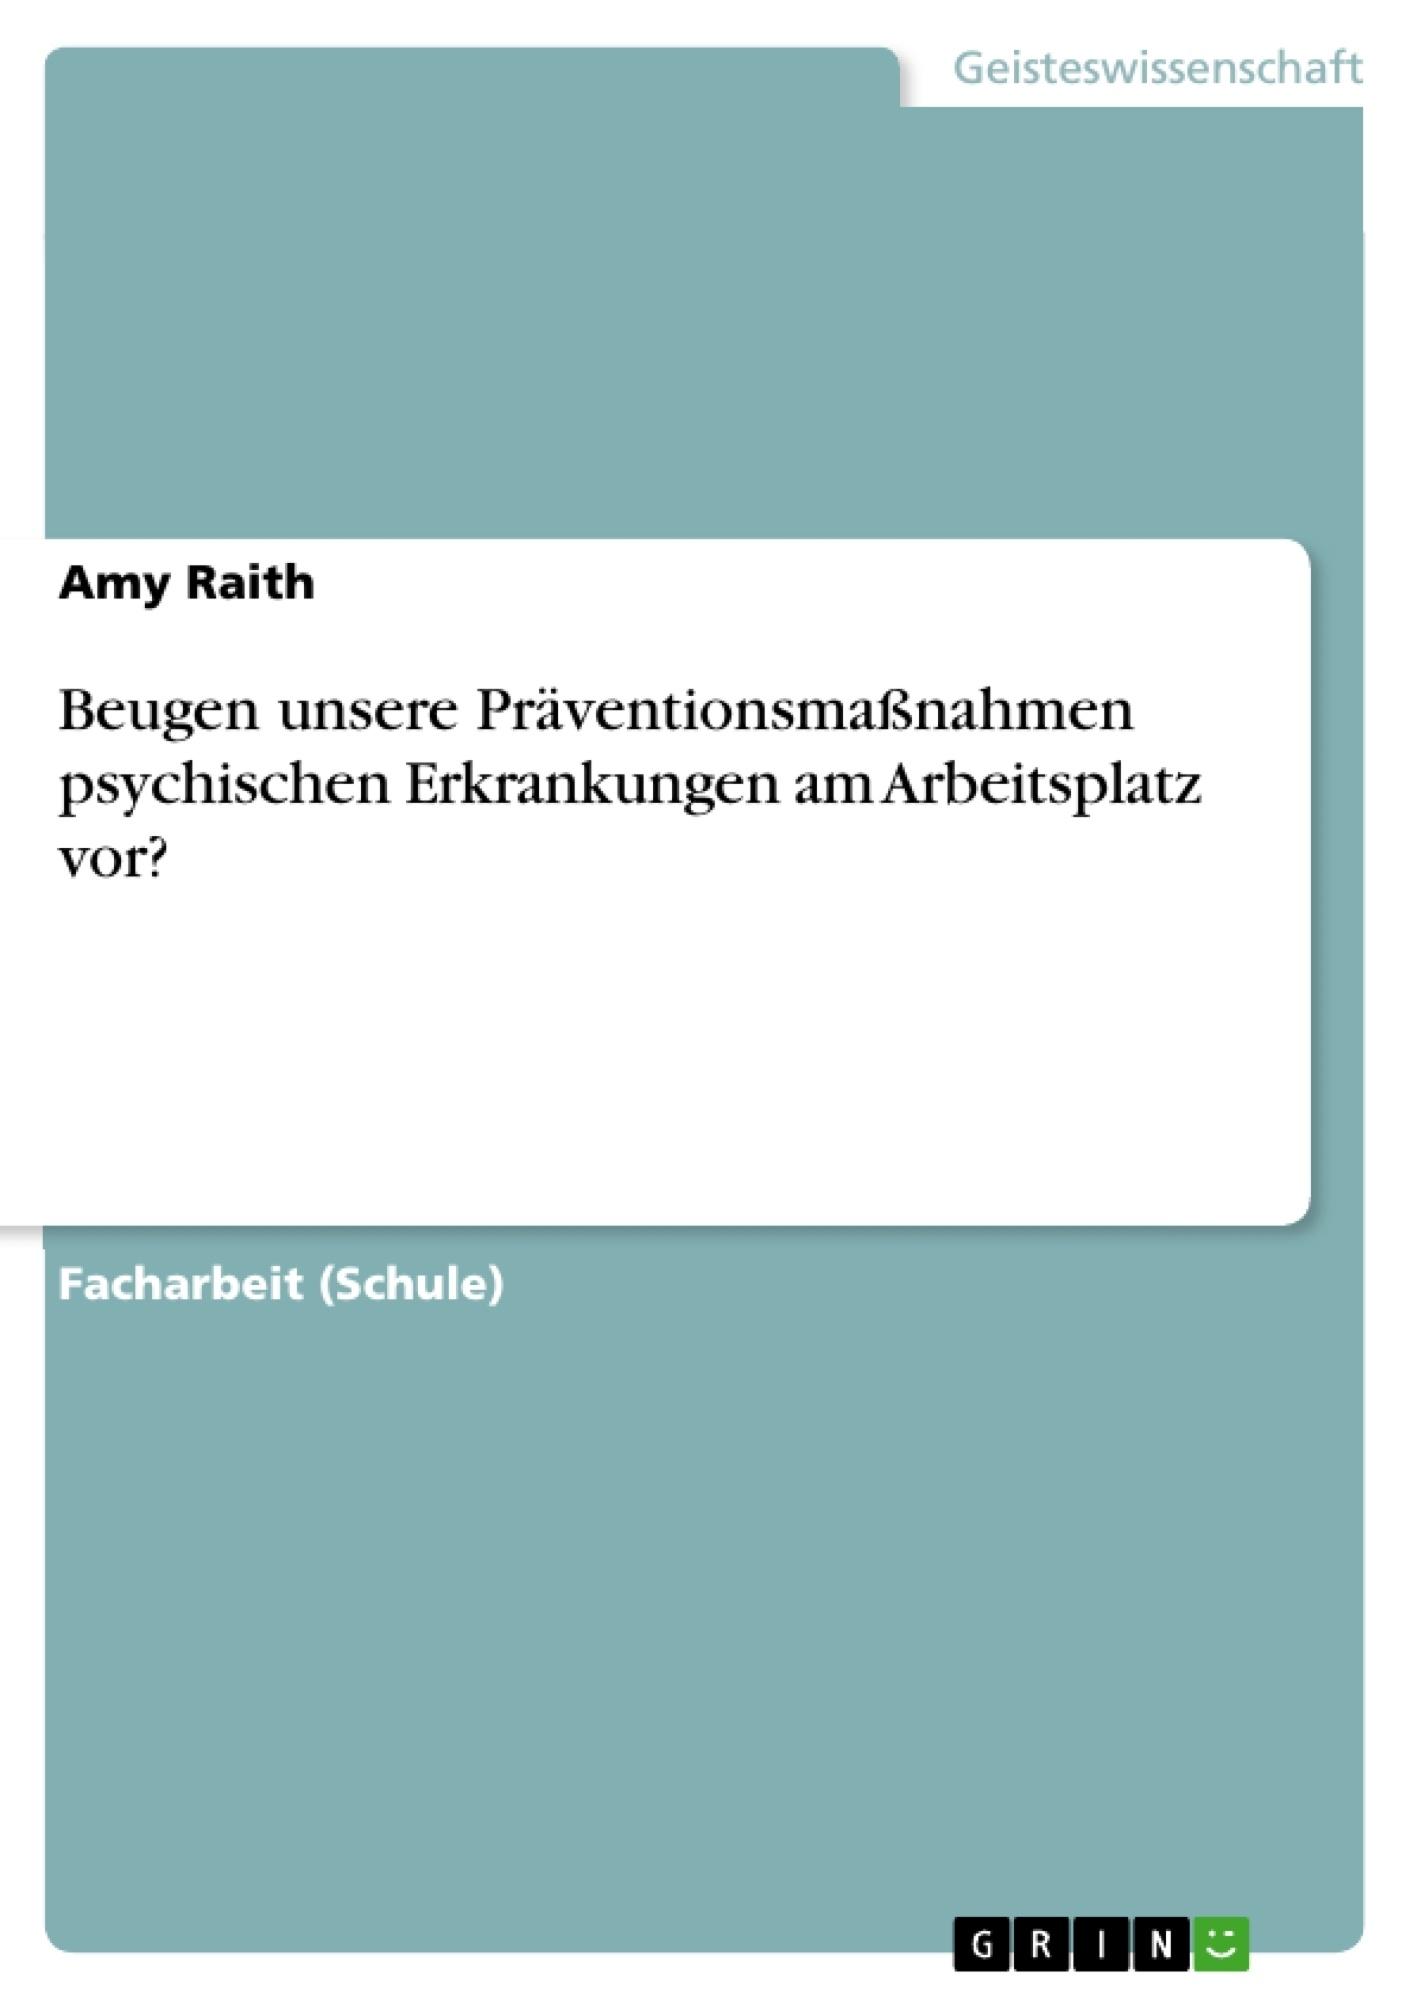 Titel: Beugen unsere Präventionsmaßnahmen psychischen Erkrankungen am Arbeitsplatz vor?